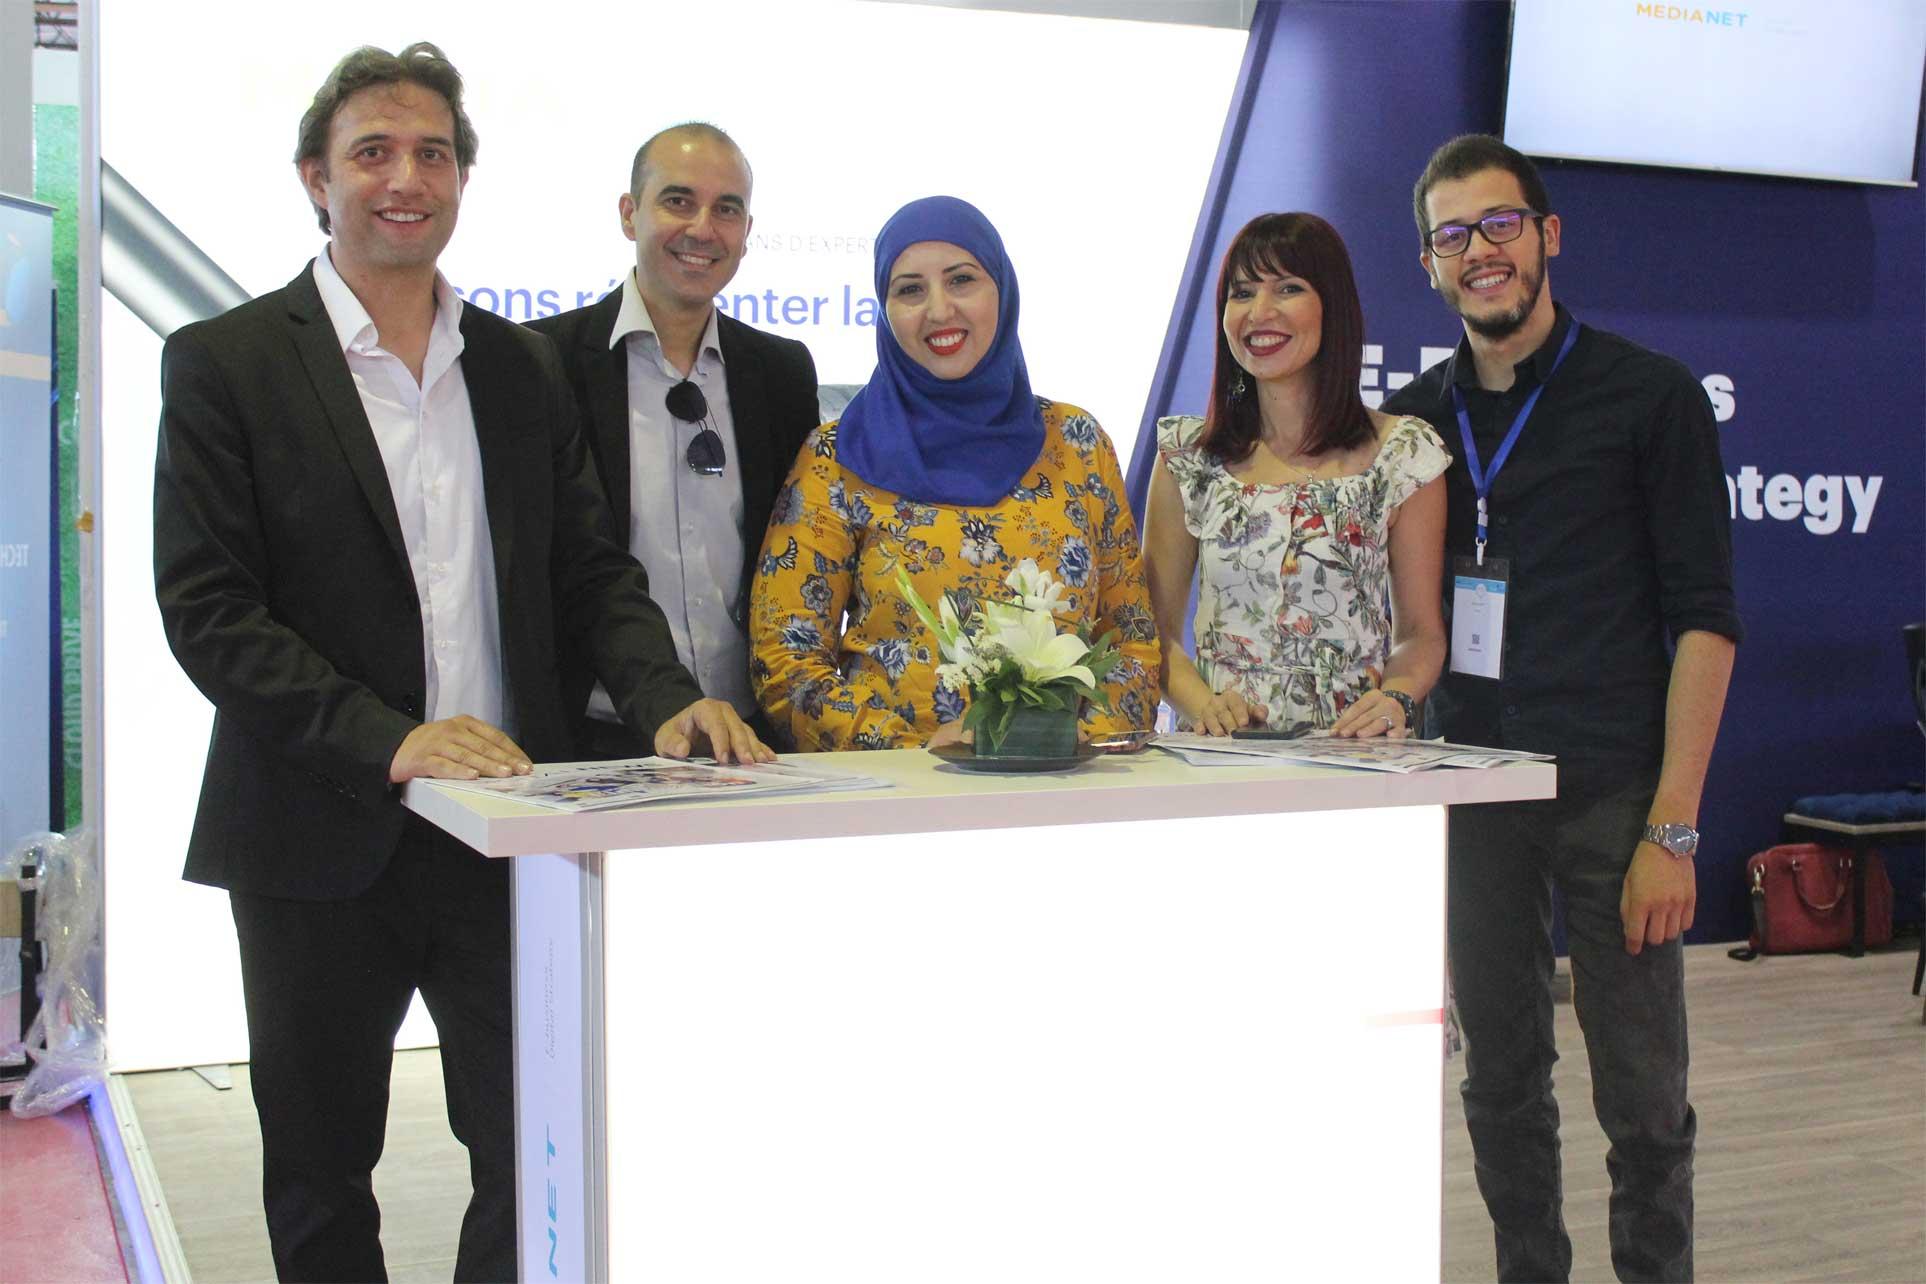 MEDIANET sponsor Gold de la 4ème édition du SITIC AFRICA 2019